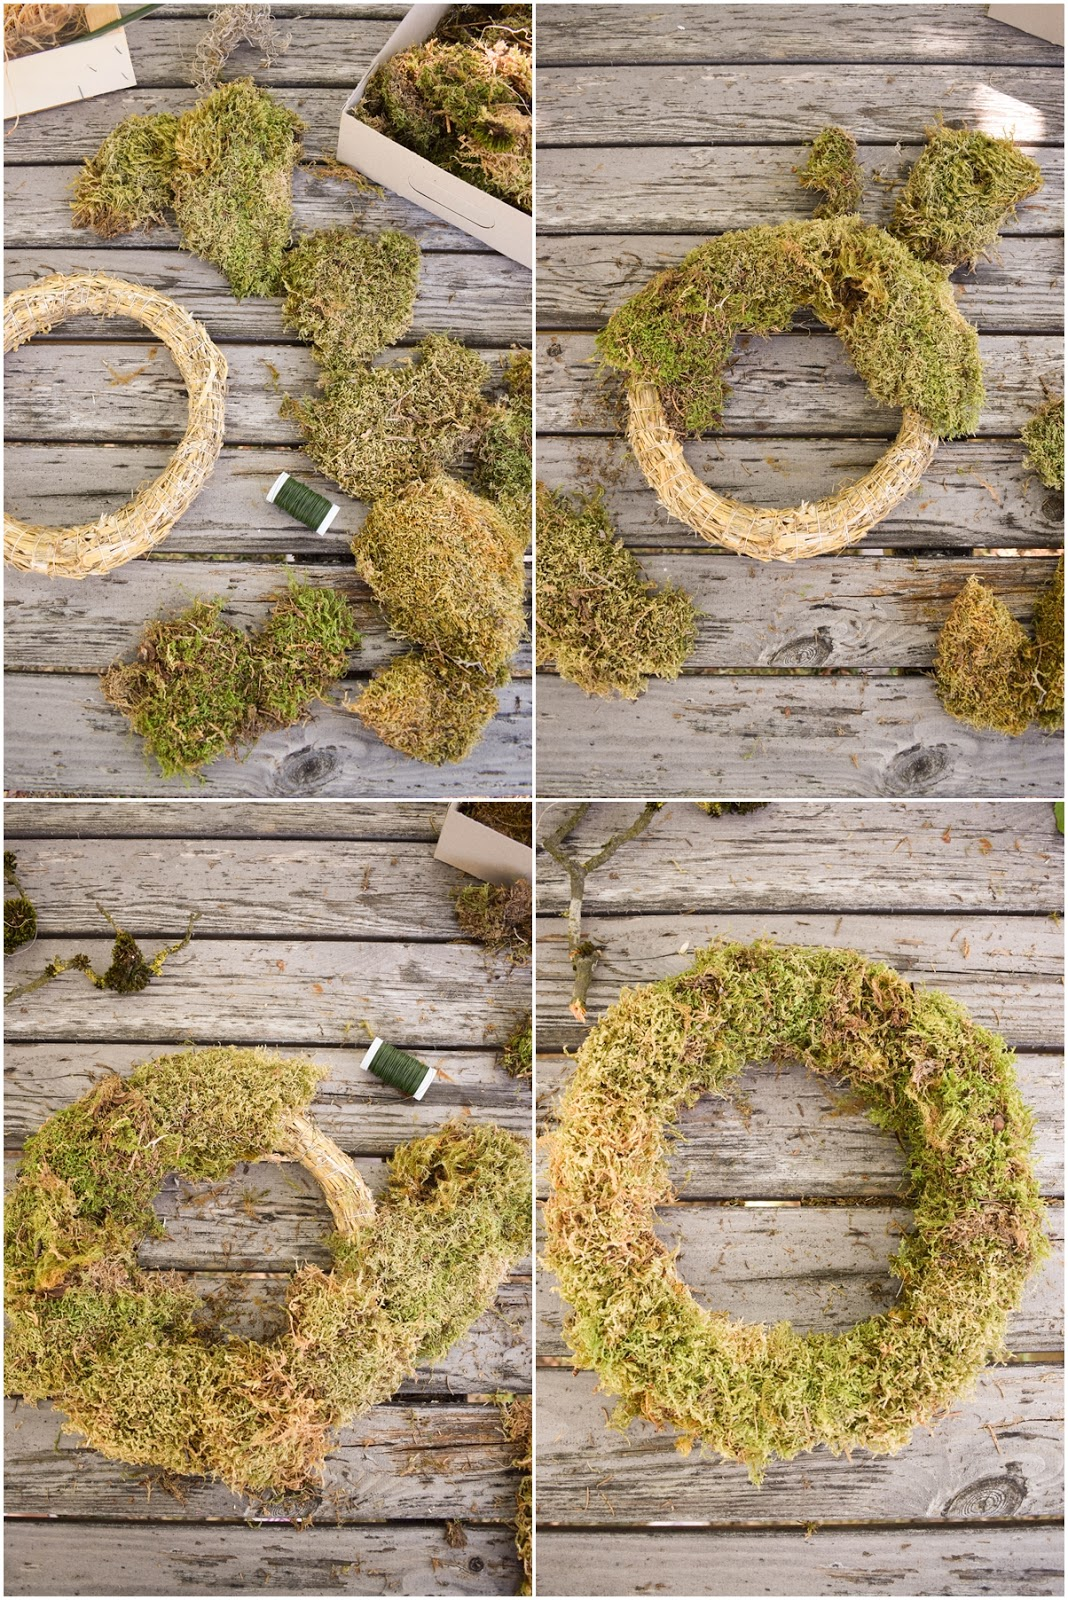 DIY Mooskranz einfach selber machen mit Moos Beeren Holz und Sisal. Naturdeko Anleitung zum Kranz binden. Dekorieren mit Natur. schritt für schritt erklärt herbstdeko